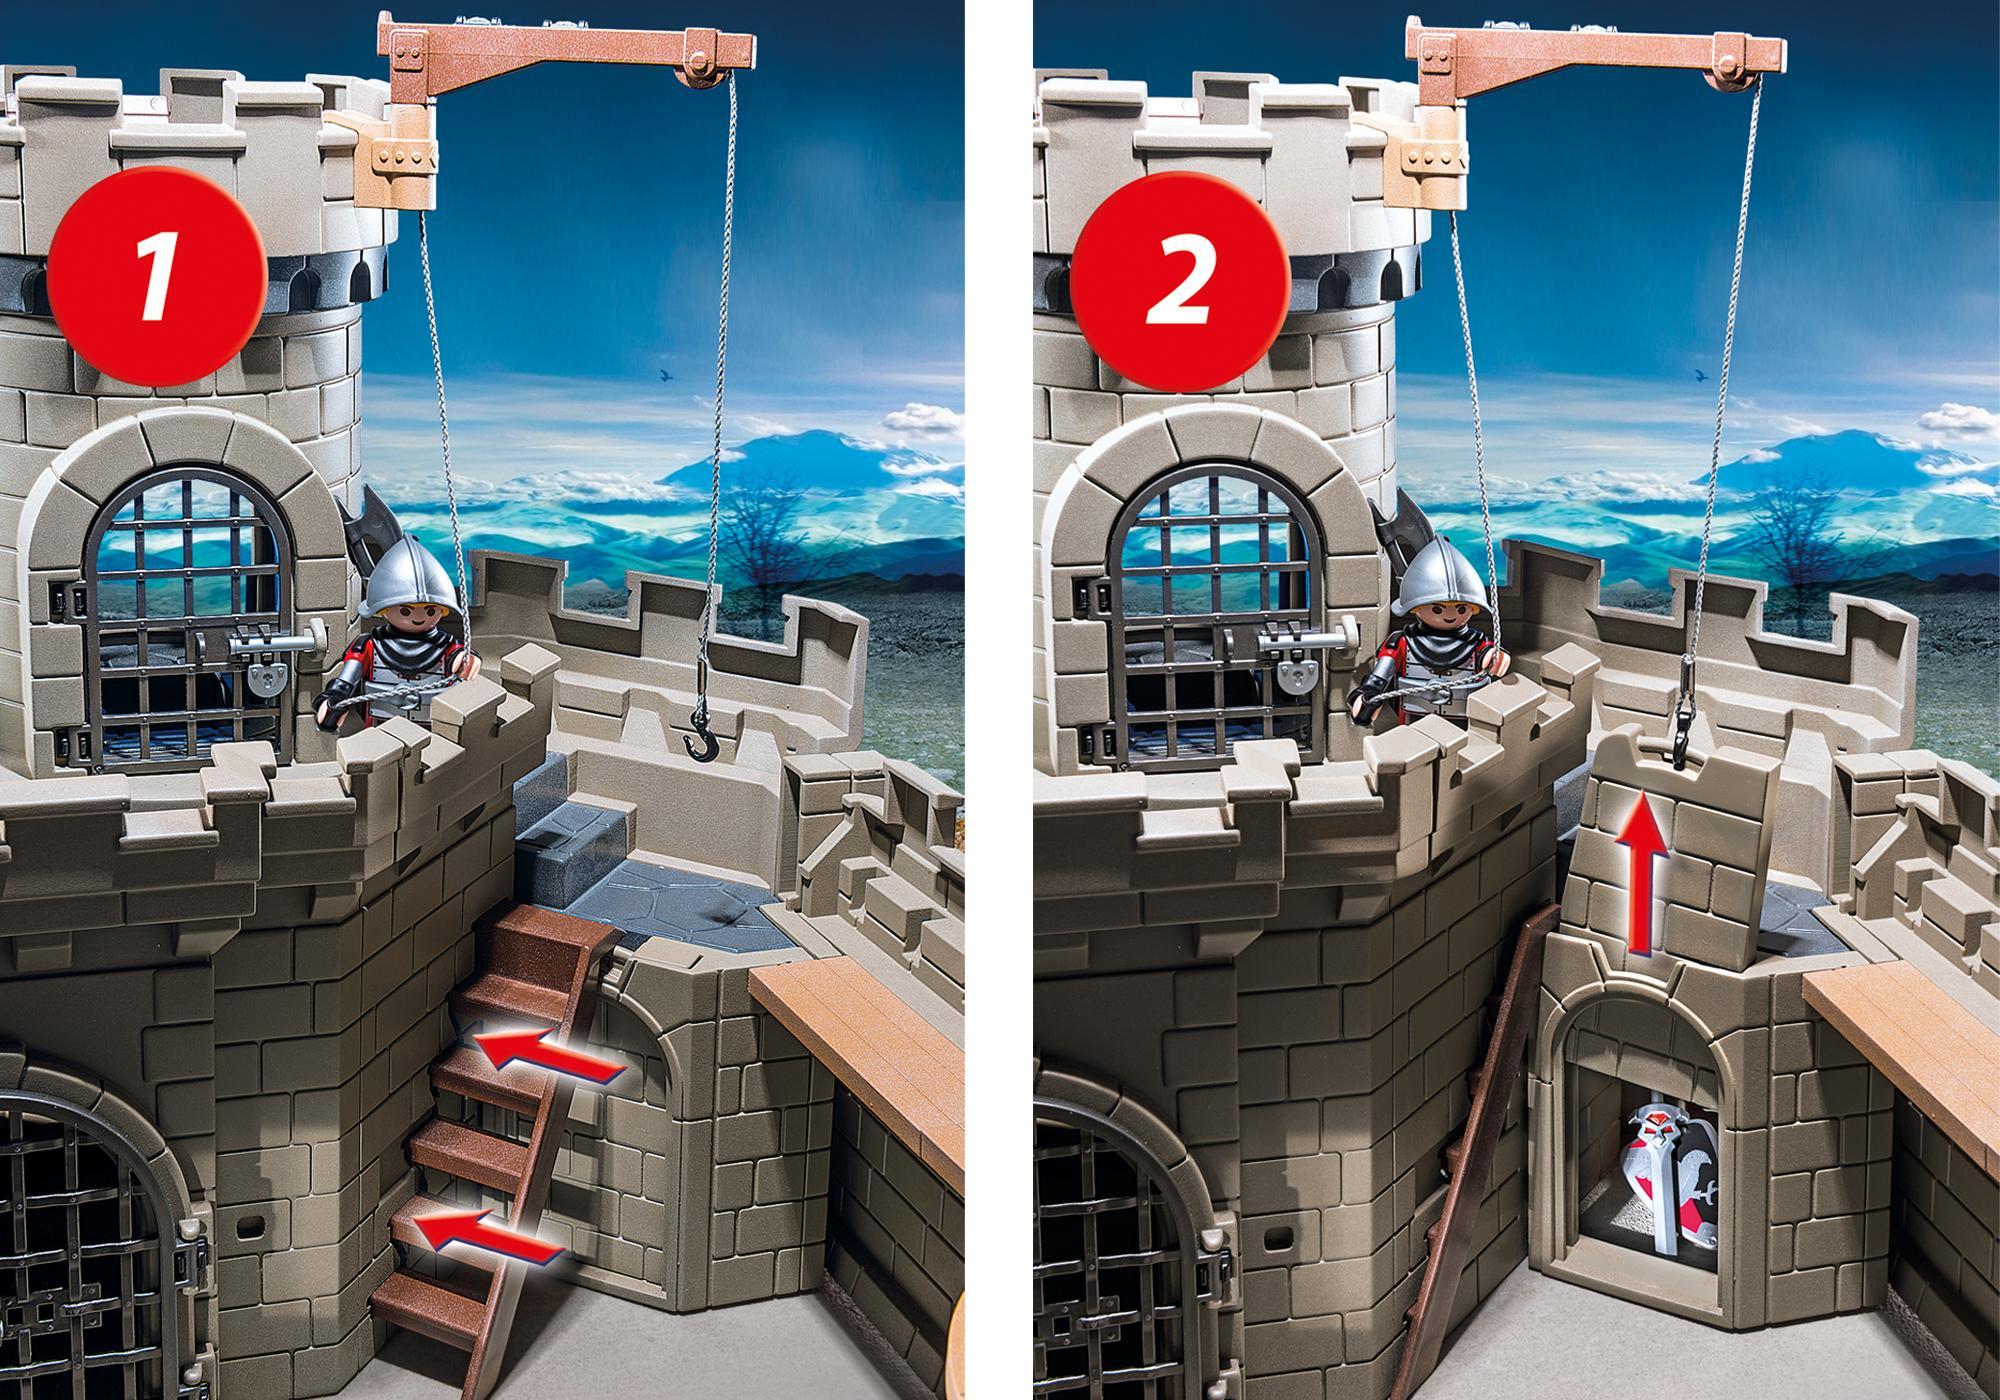 http://media.playmobil.com/i/playmobil/6001_product_extra2/Örnriddarnas